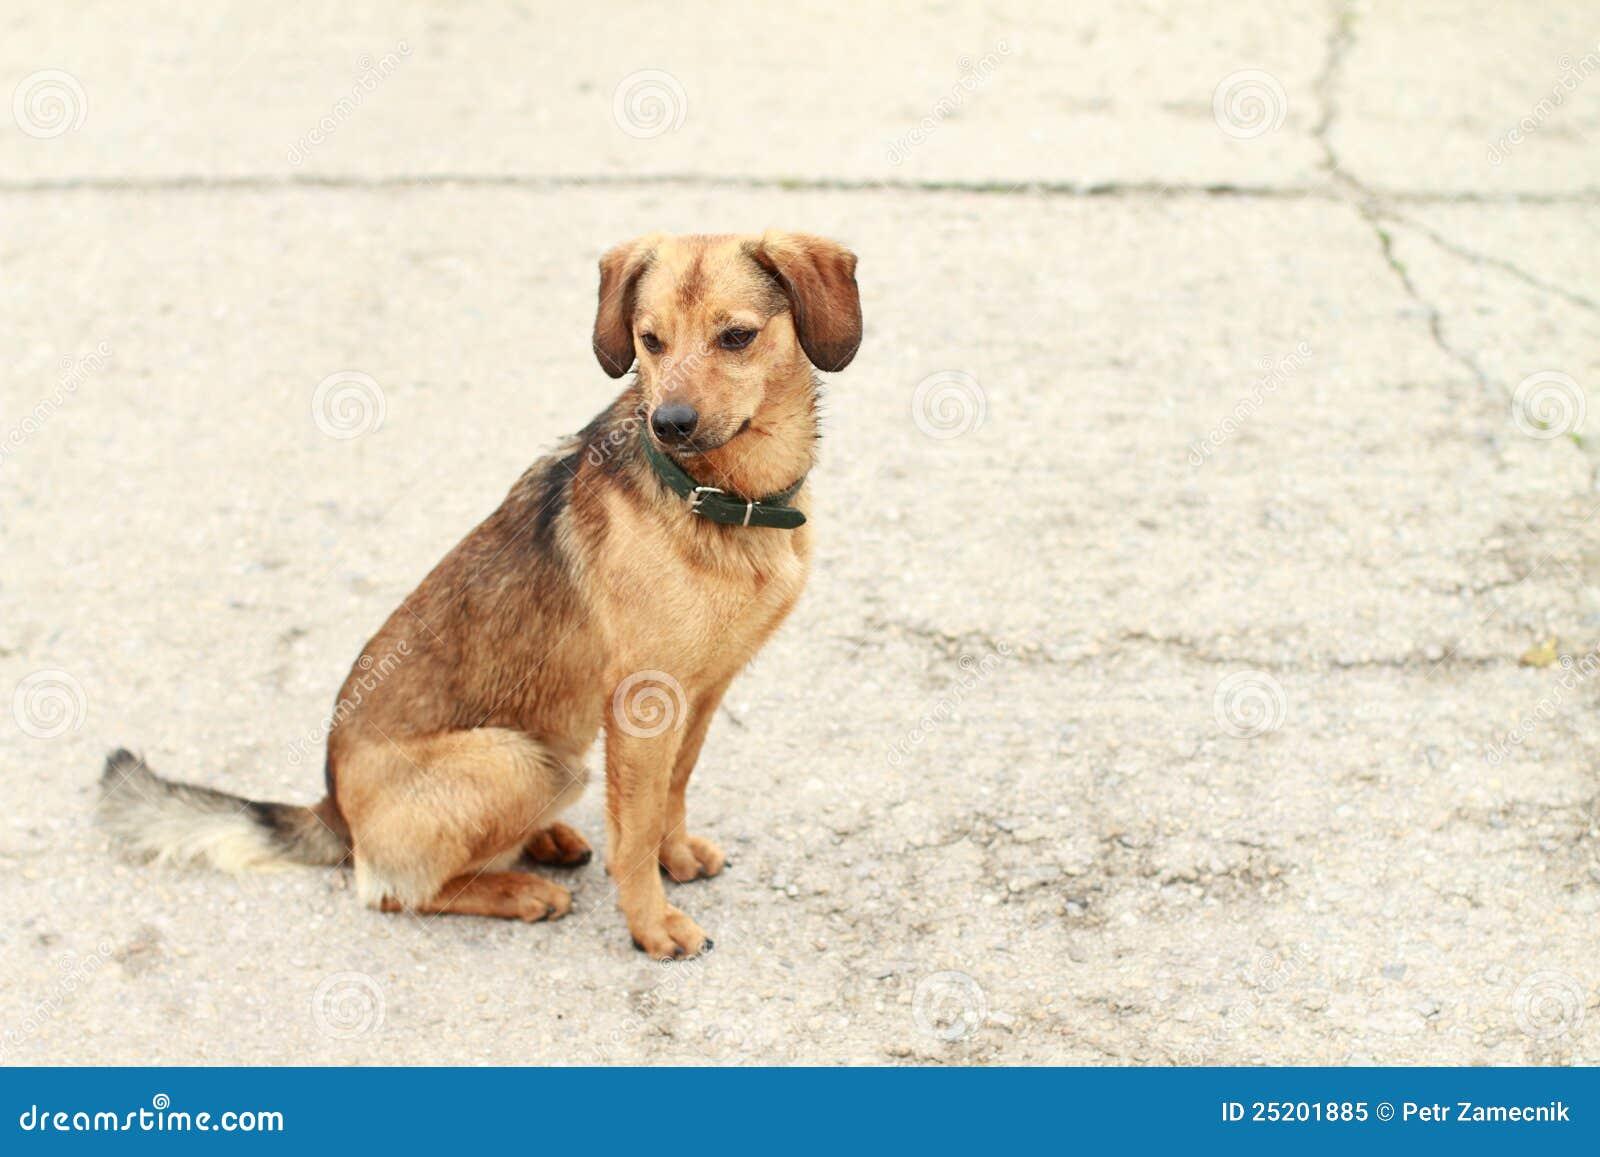 Sitting dog stock image. Image of sitting, wait, mammal ...